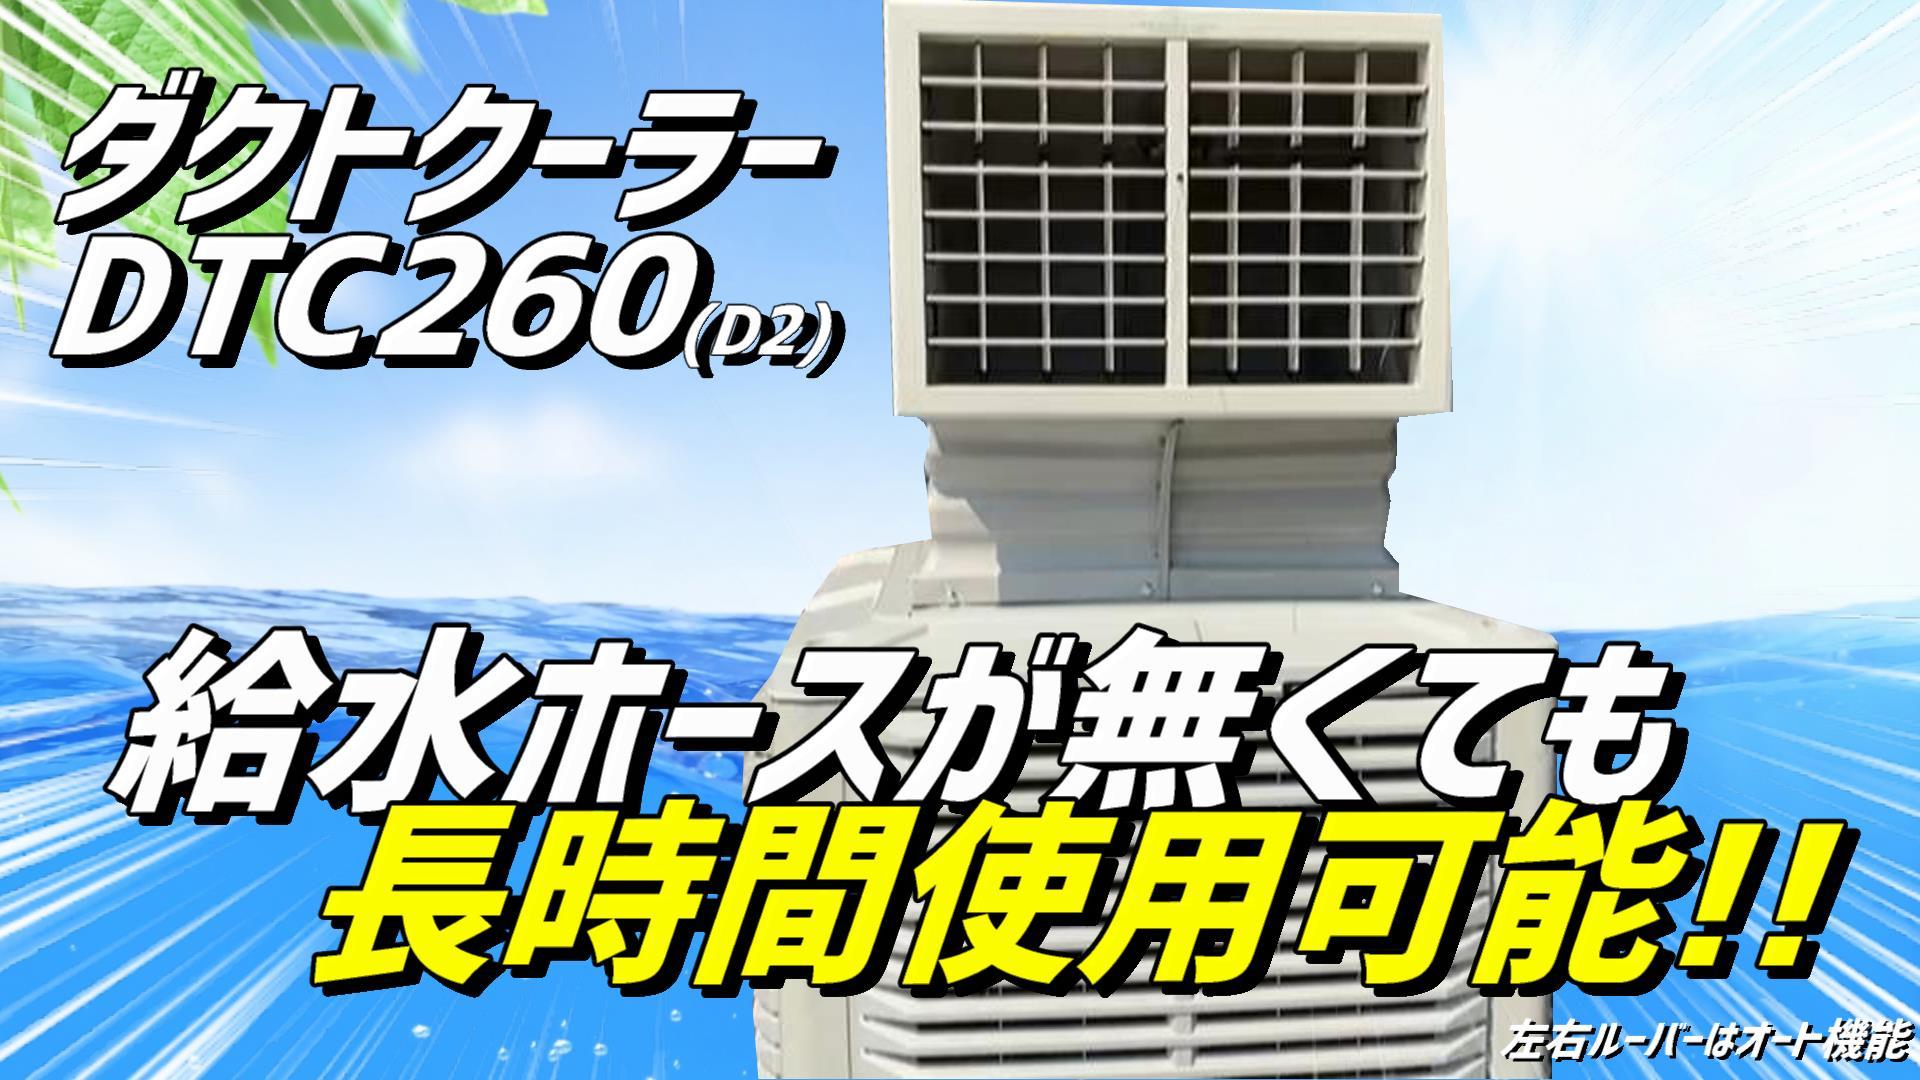 ダクトクーラーDTC260-D2は給水ホース不要